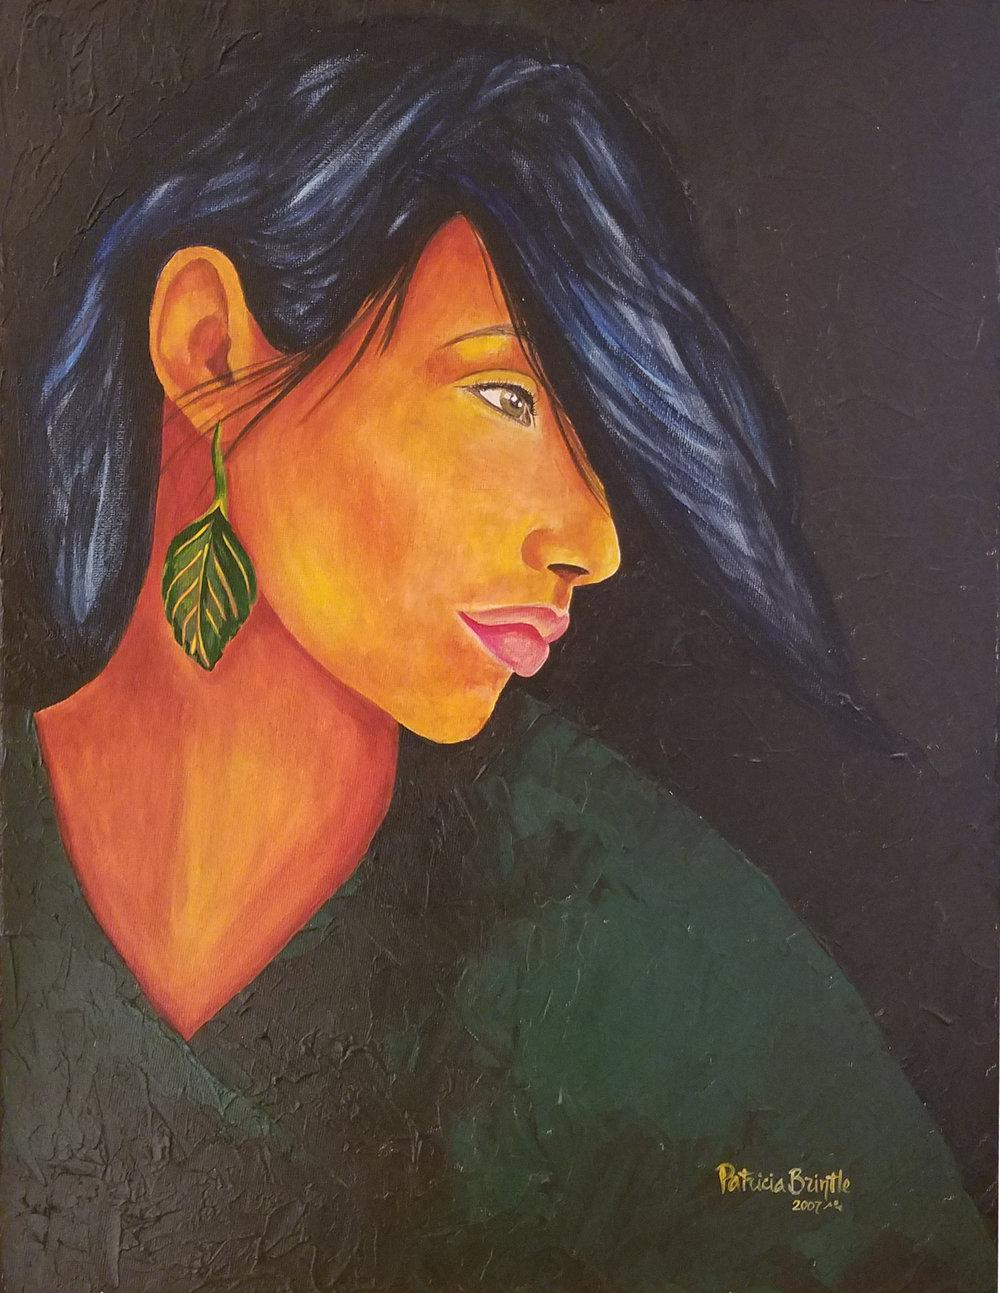 GalleryAWA-Patricia Brintle-Sophie.jpg